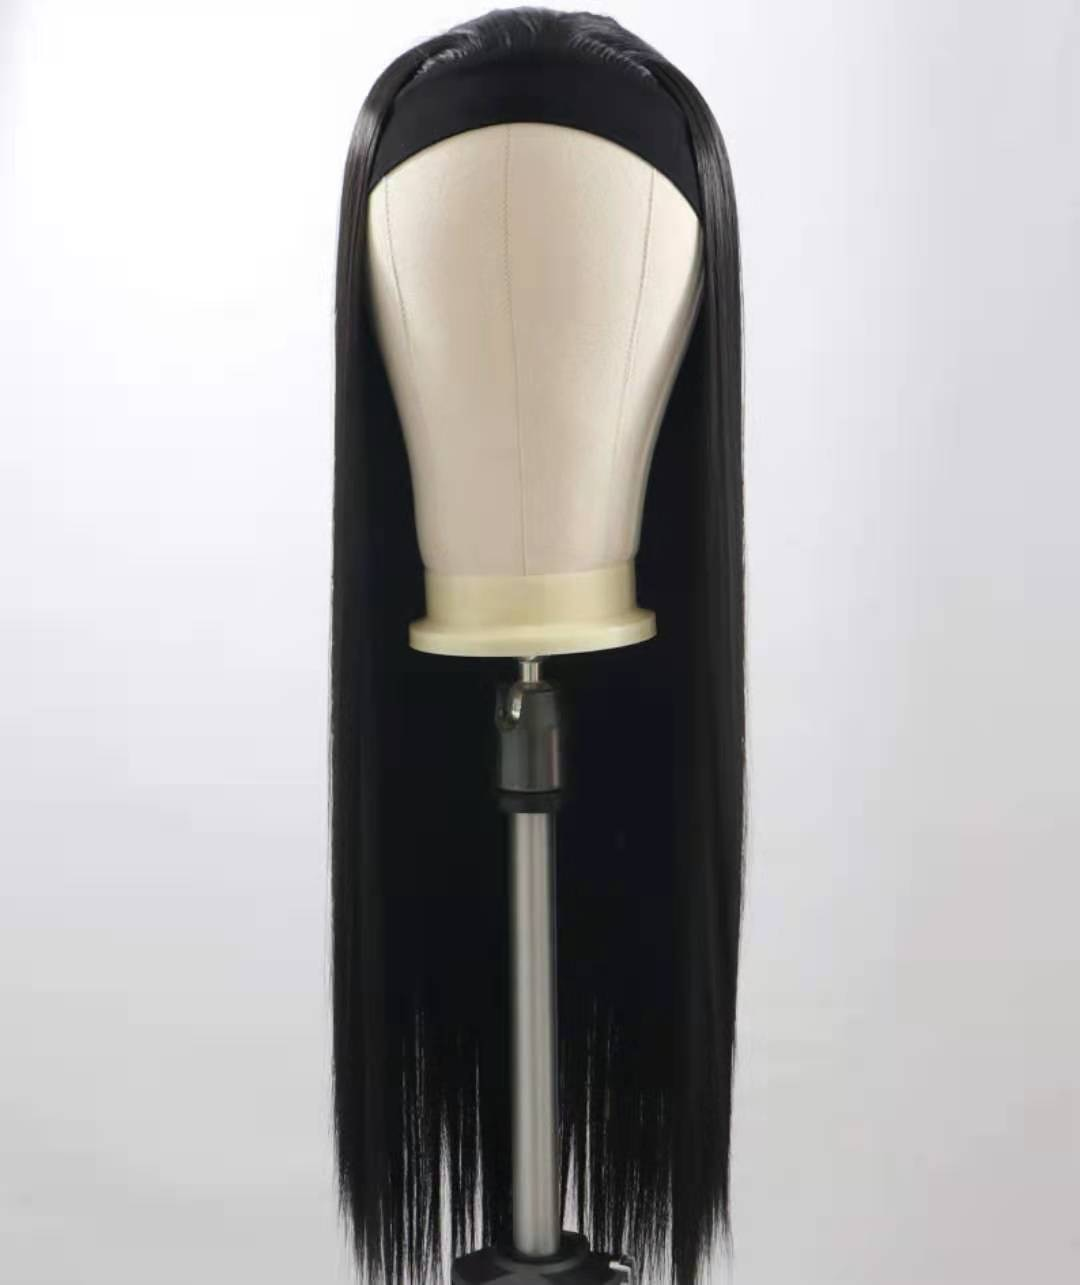 شعر أسود طويل مستقيم المرأة عقال شعر مستعار موضة غير الدانتيل الباروكات للنساء ارتداء سهلة بيروكات صناعية